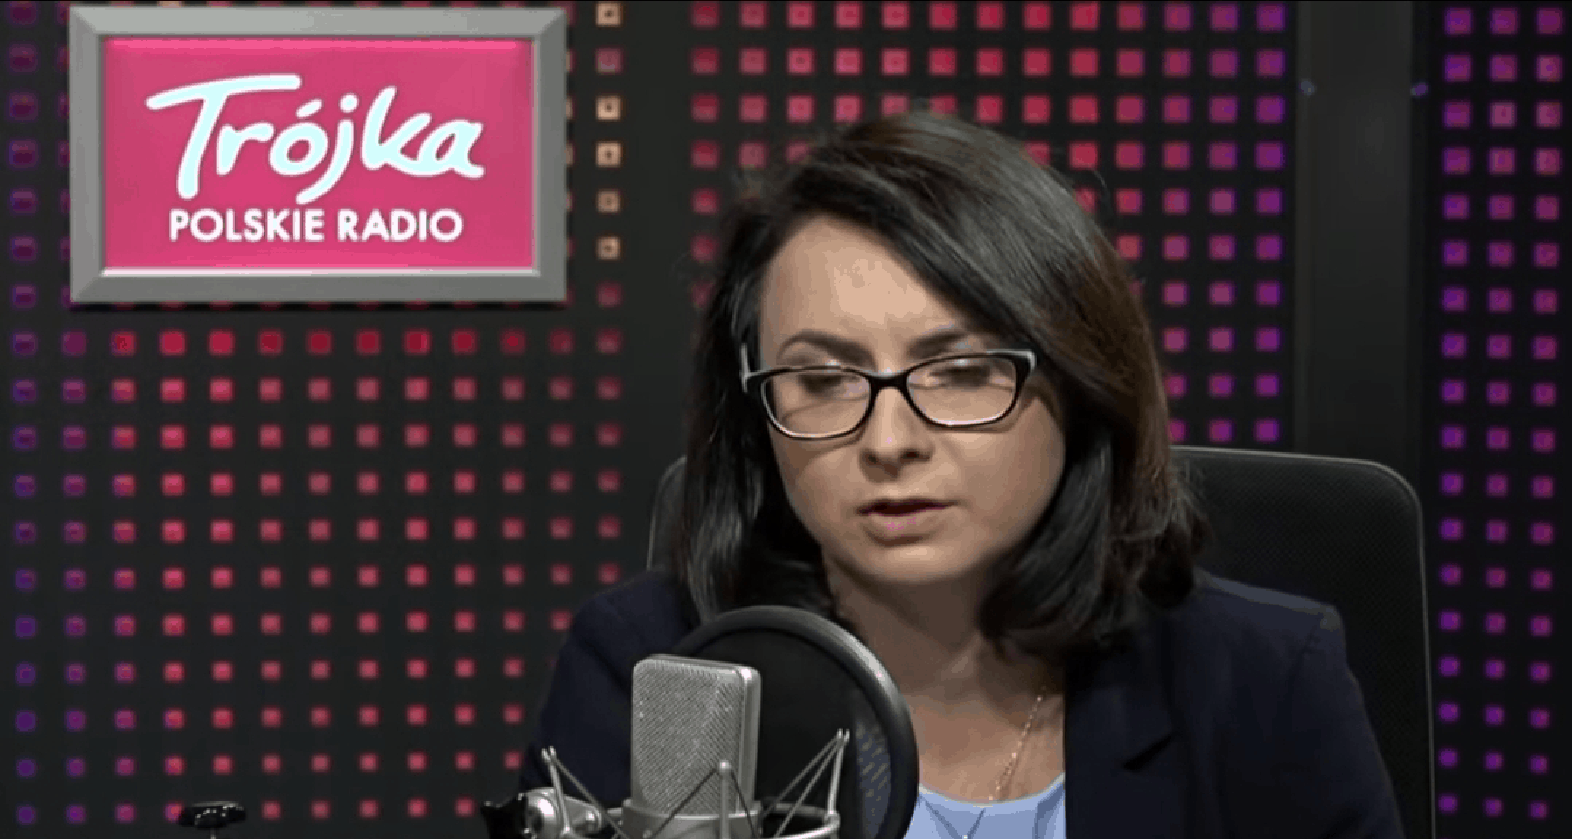 Aktualna poseł Koalicji Obywatelskiej (KO) Kamila Gasiuk Pihowicz zaatakowała Małgorzatę Wassermann i jej tragicznie zmarłego ojca.